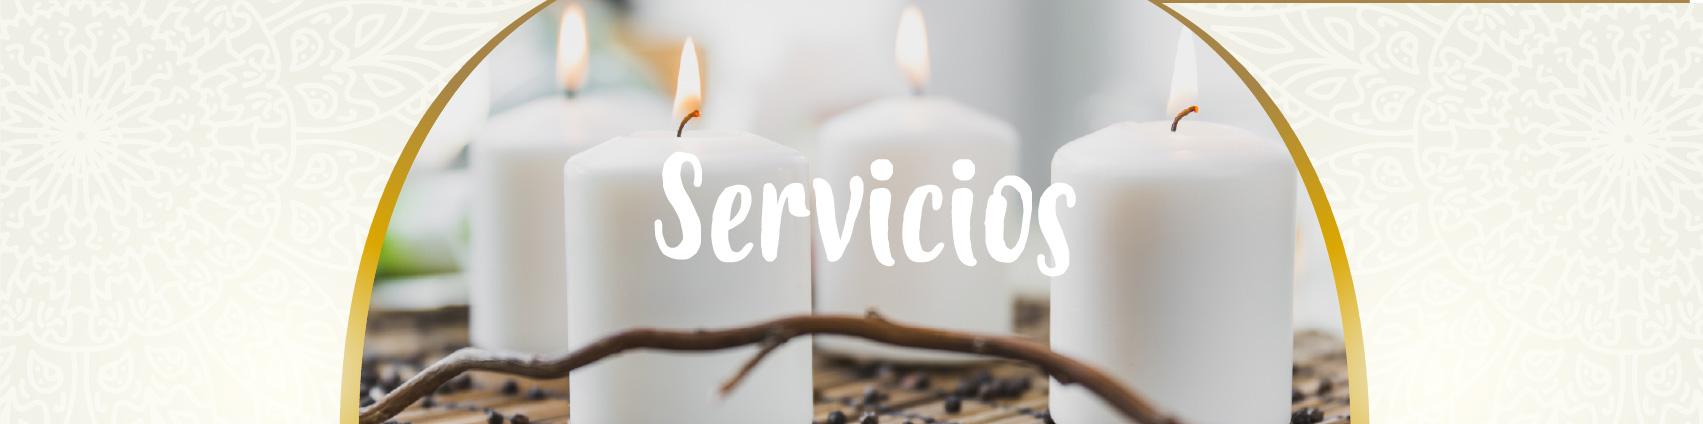 servicios esotericos